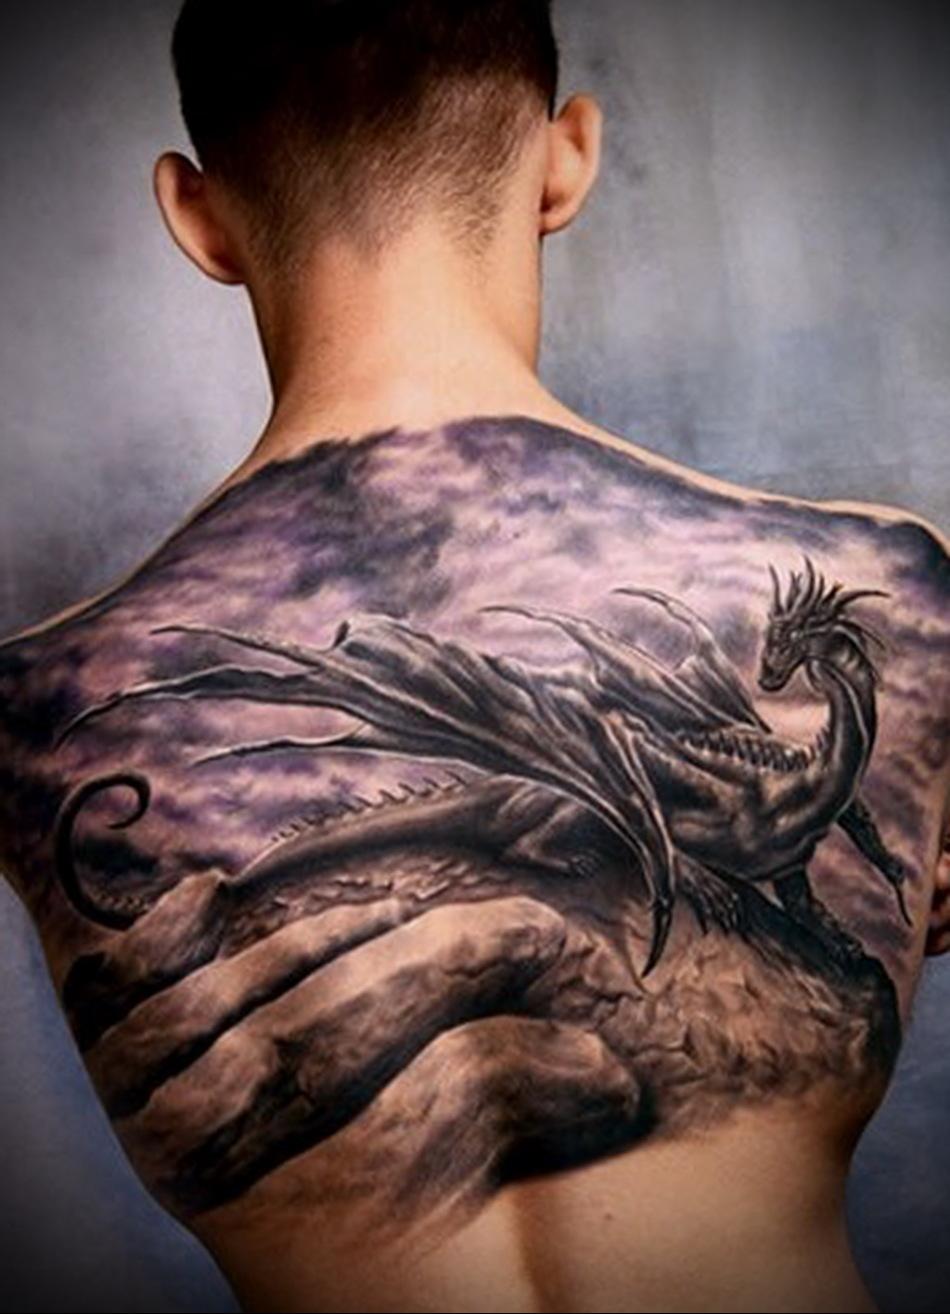 muzhskaya-tatuirovka-na-spine-v-vide-drakona.jpg